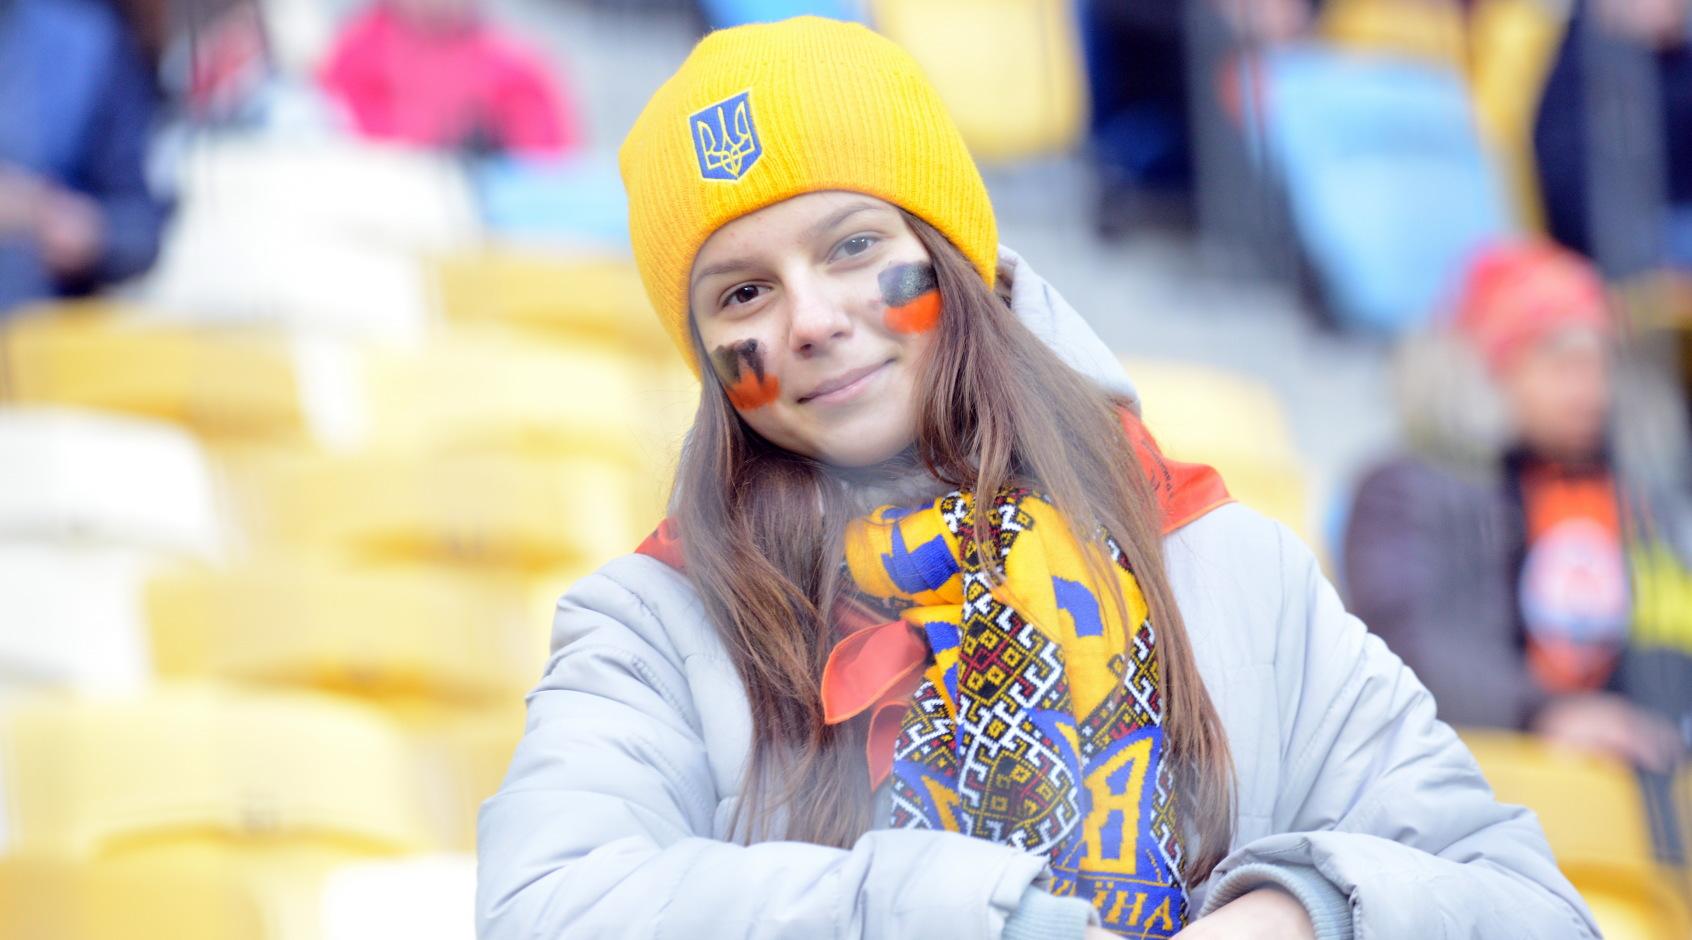 Україна - Естонія: усі квитки реалізовані